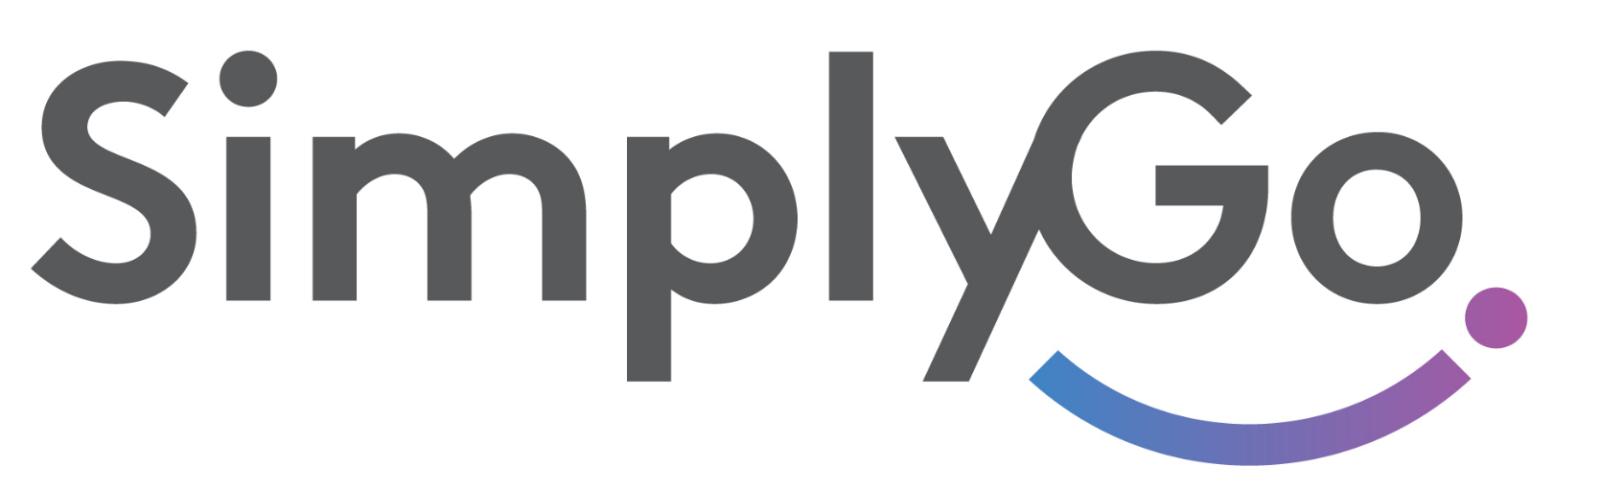 SimplyGo logo